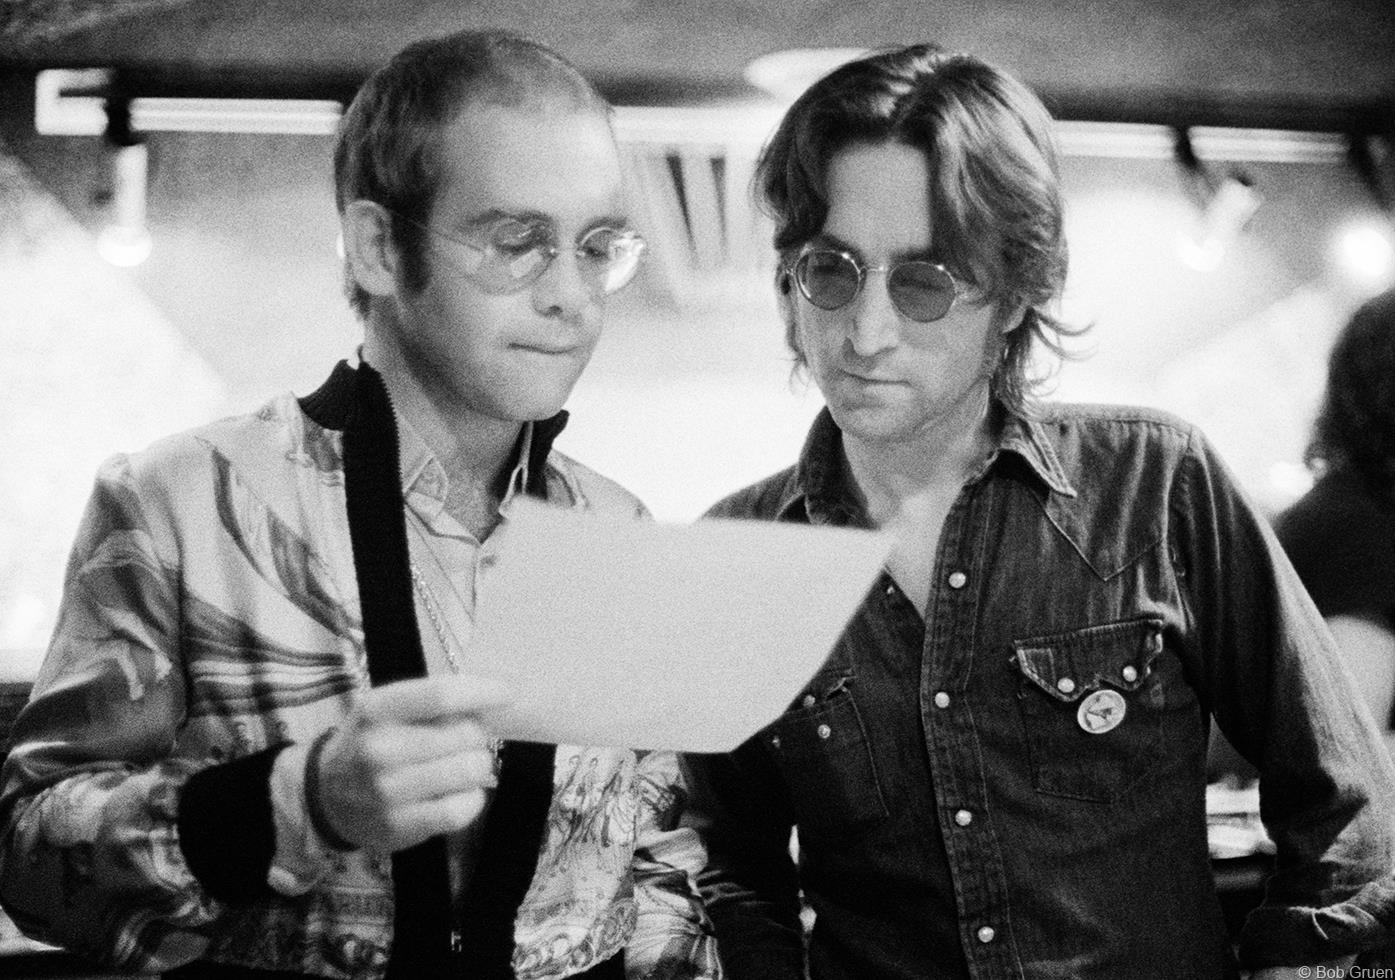 """Элтон Джон и Джон Леннон в нью-йоркской студии звукозаписи, 1974-й год. """"Он очаровал меня сразу. Не потому что он— один"""